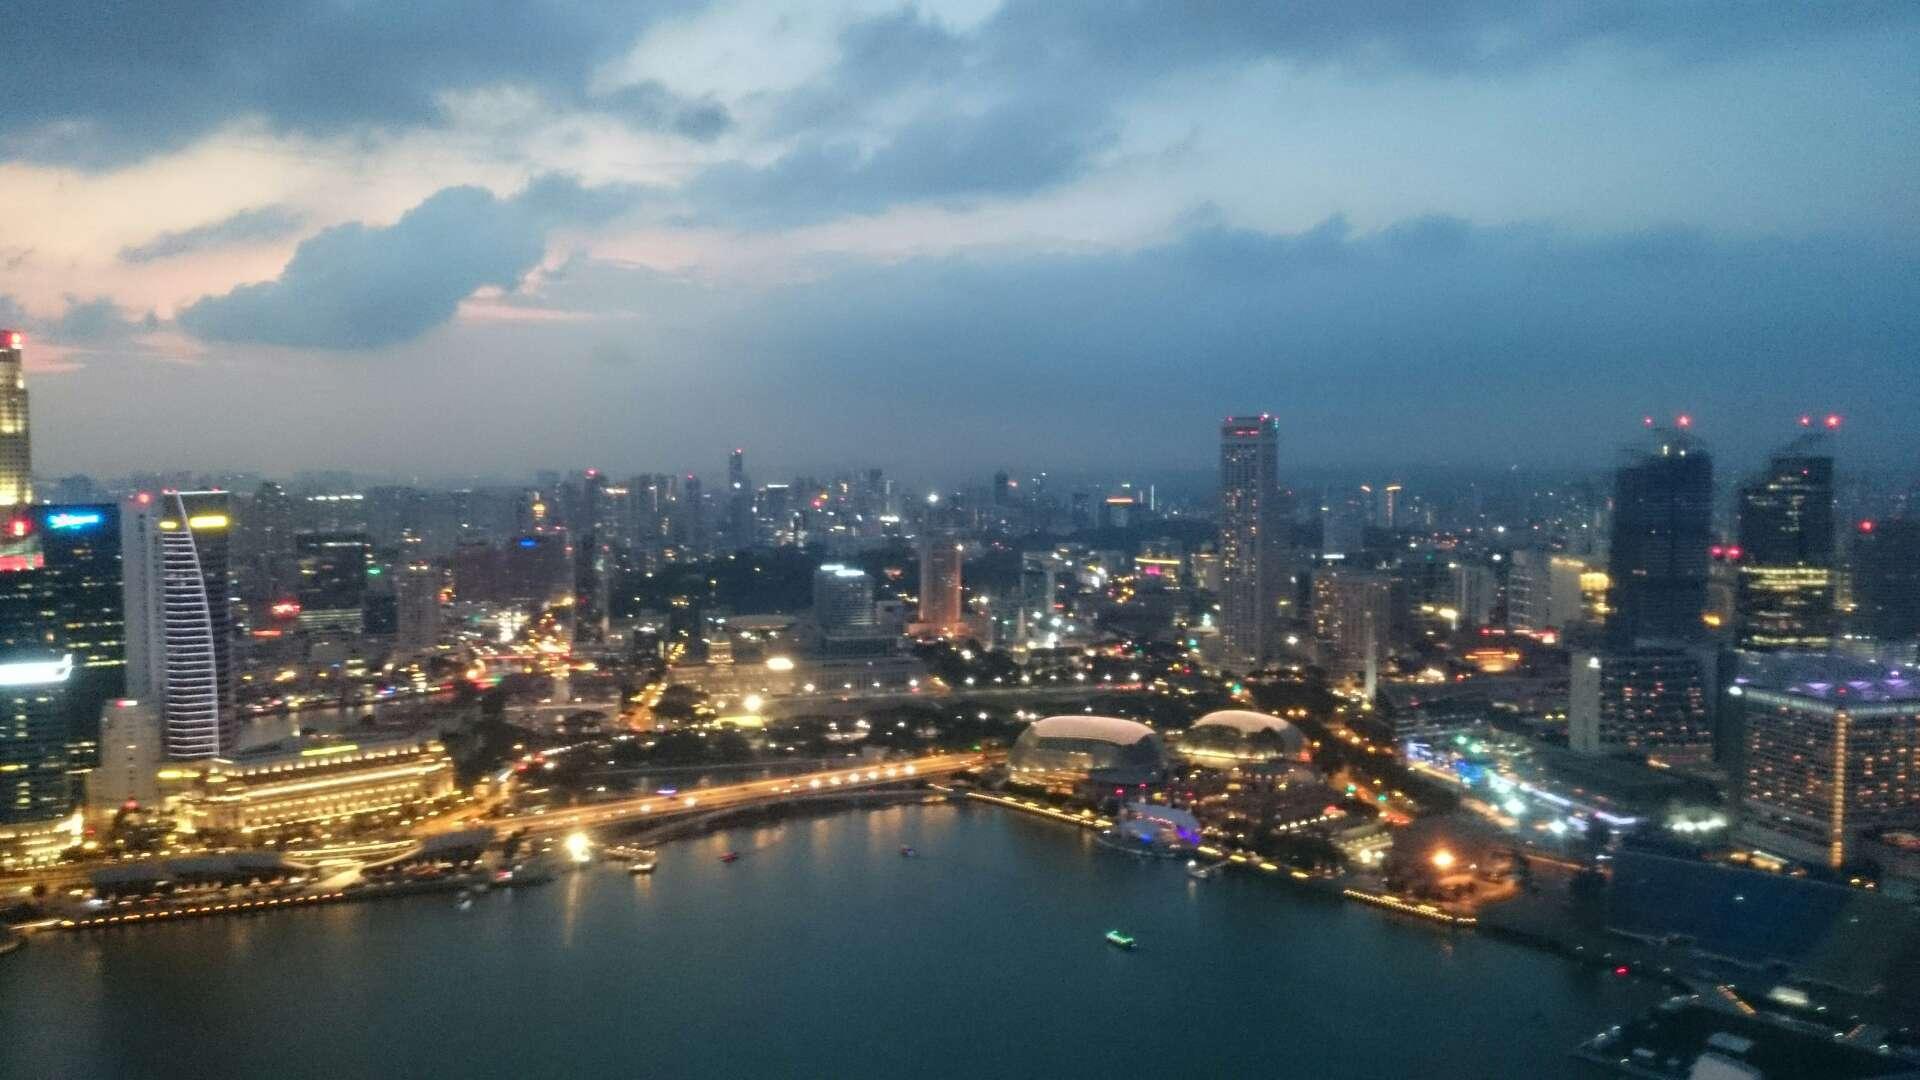 【携程攻略】新加坡滨海湾金沙大酒店预订价格